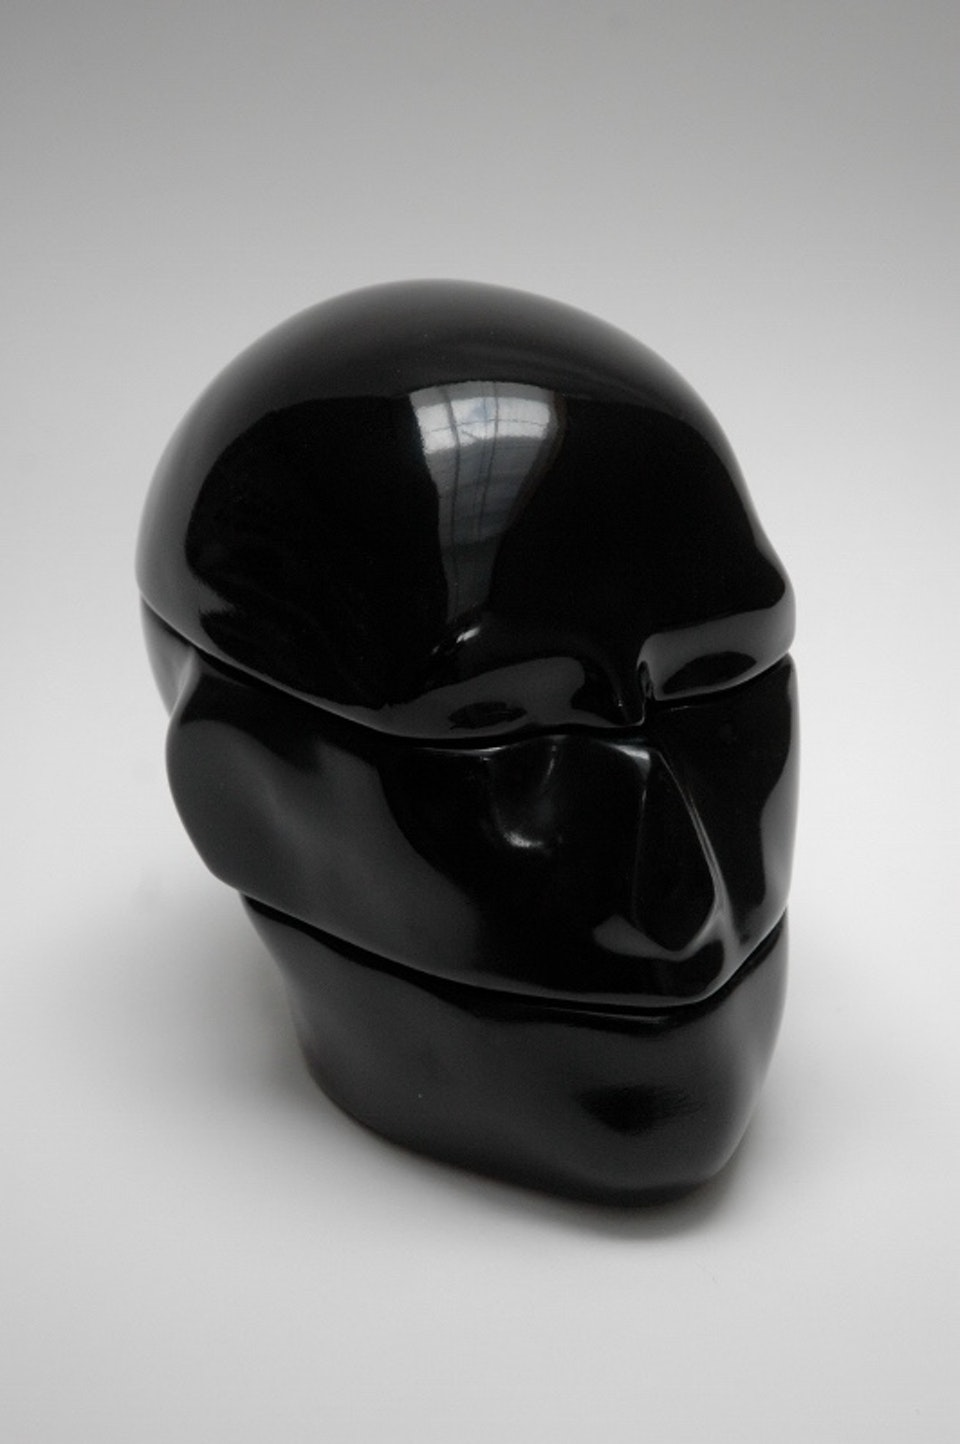 Autokopf Black 876FEBA7-A17C-4BEF-9067-2741E75D8ECE_1_105_c